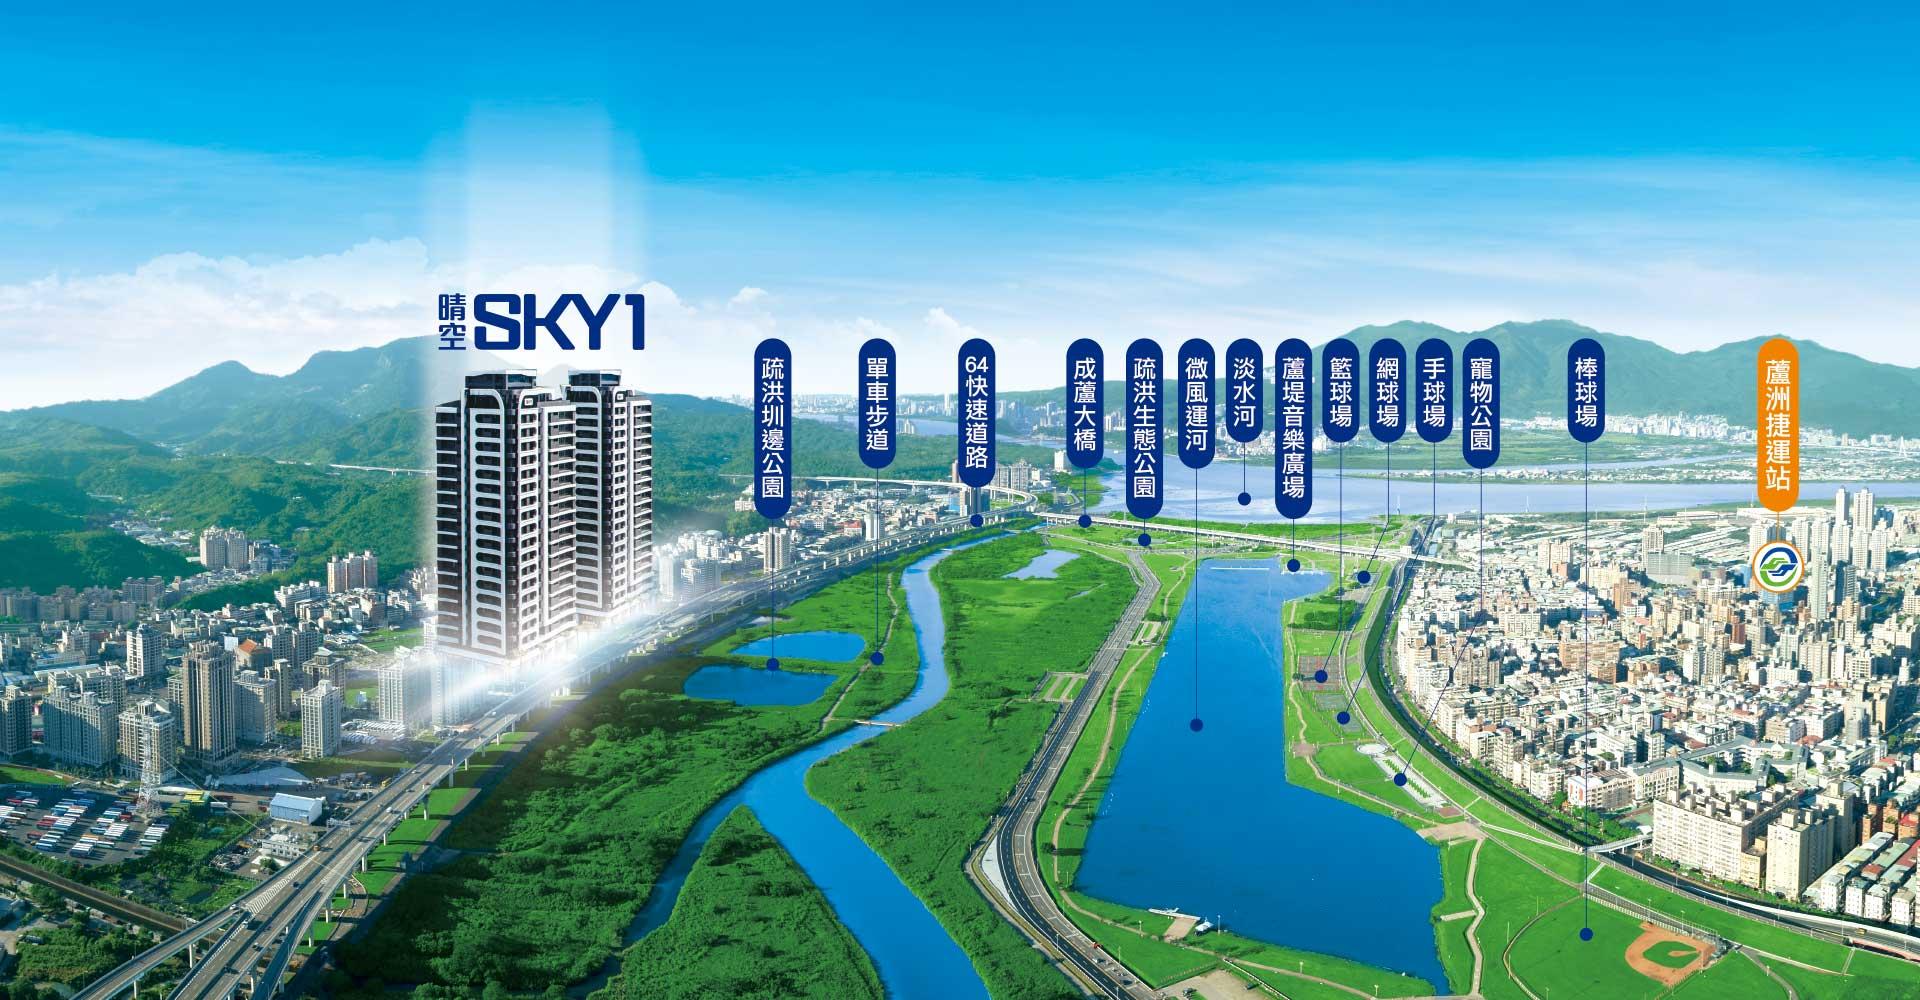 圖片:洲子洋重劃區大樓建案「 晴空SKY1 」賞屋分享 成家首選、後勢看漲!